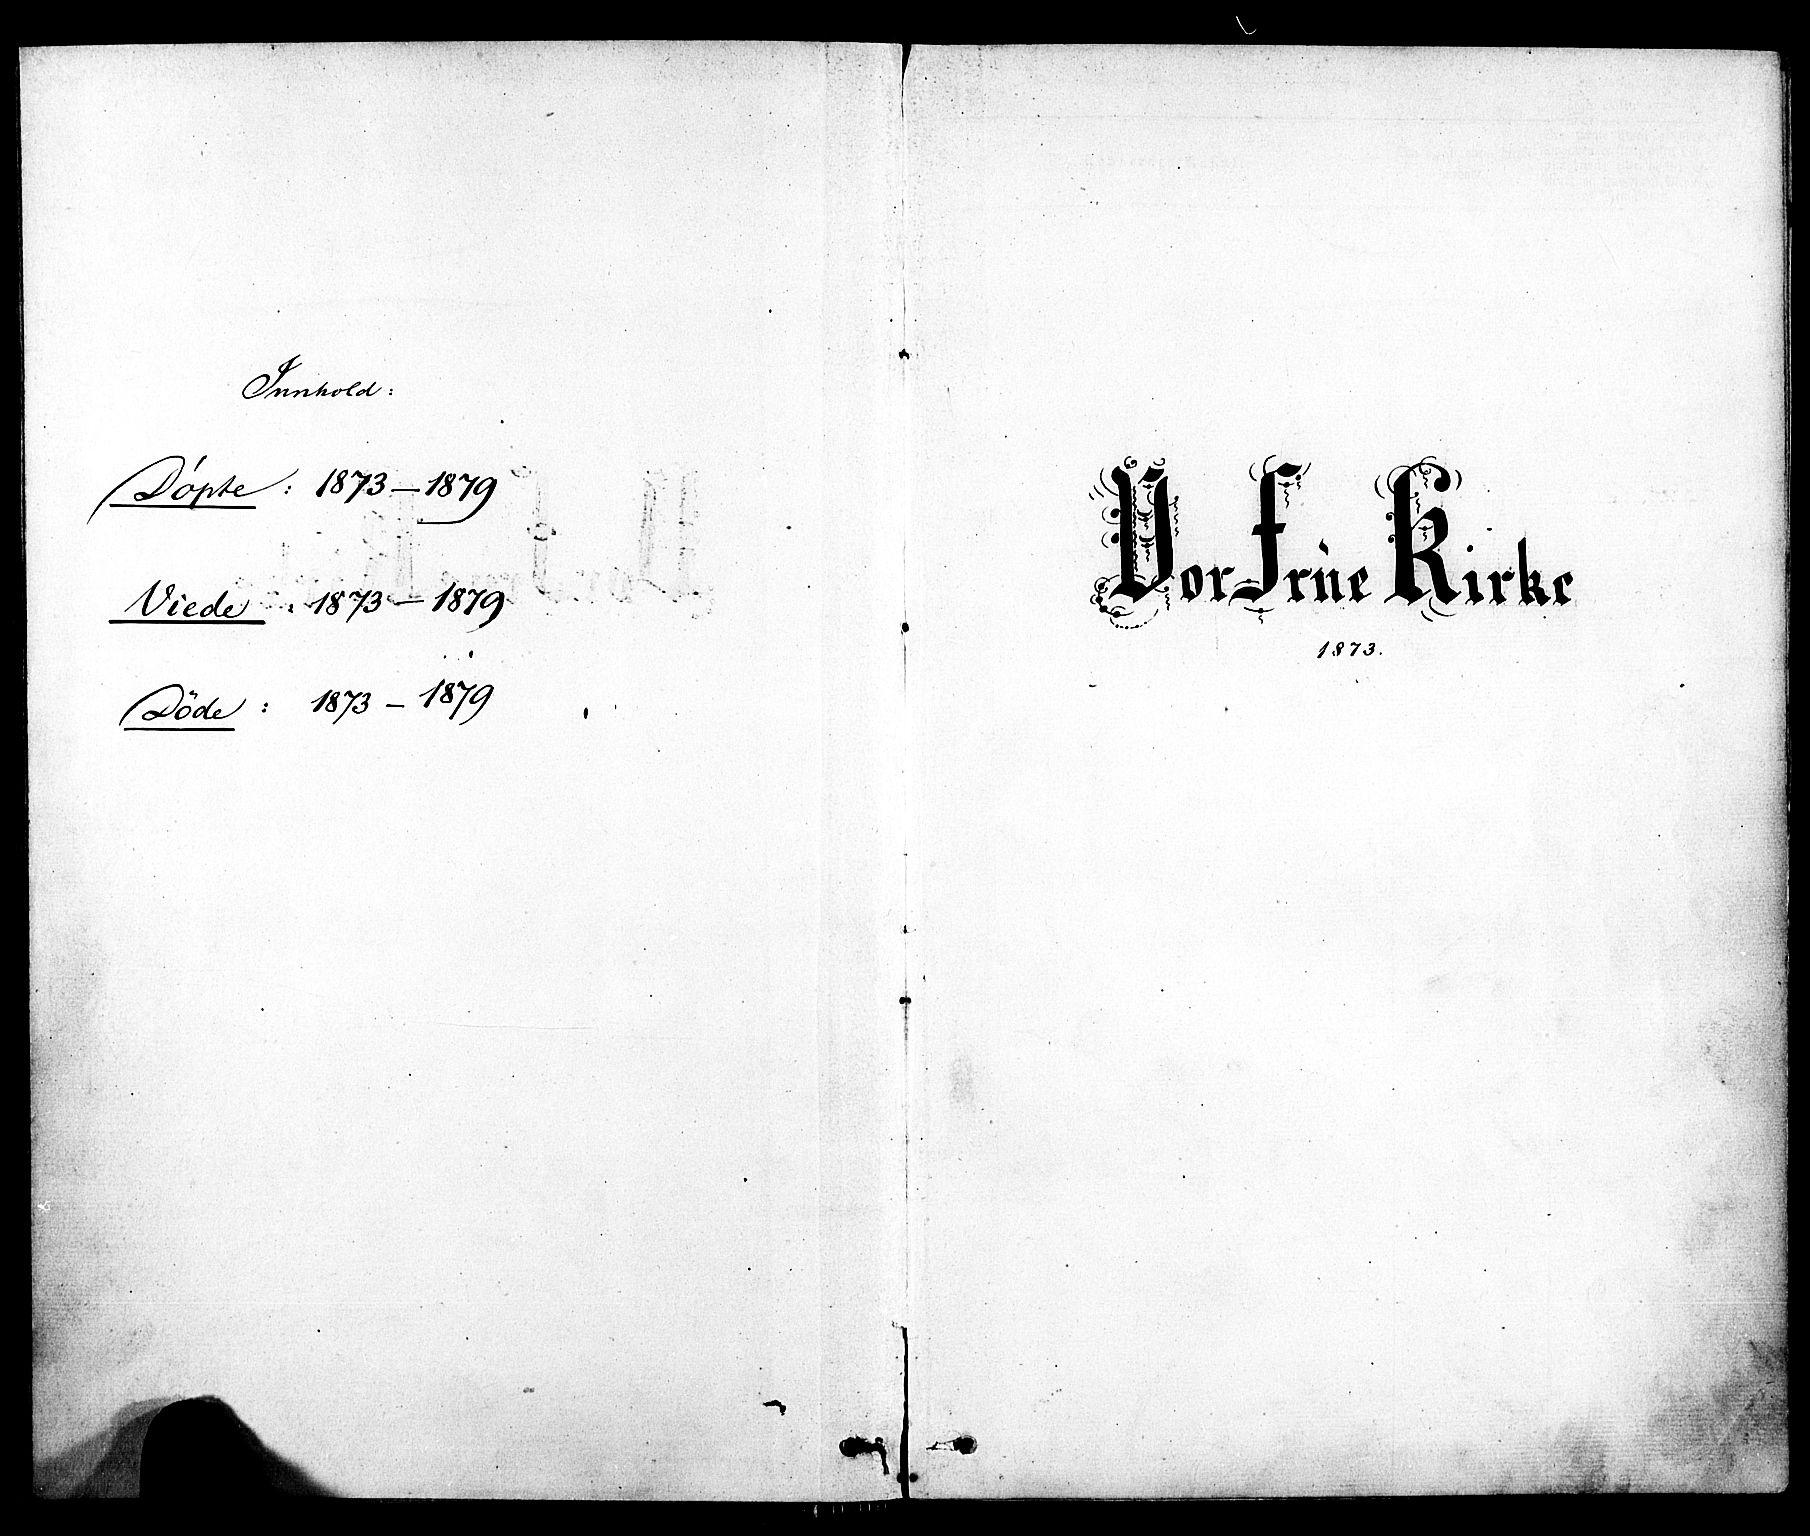 SAT, Ministerialprotokoller, klokkerbøker og fødselsregistre - Sør-Trøndelag, 602/L0118: Ministerialbok nr. 602A16, 1873-1879